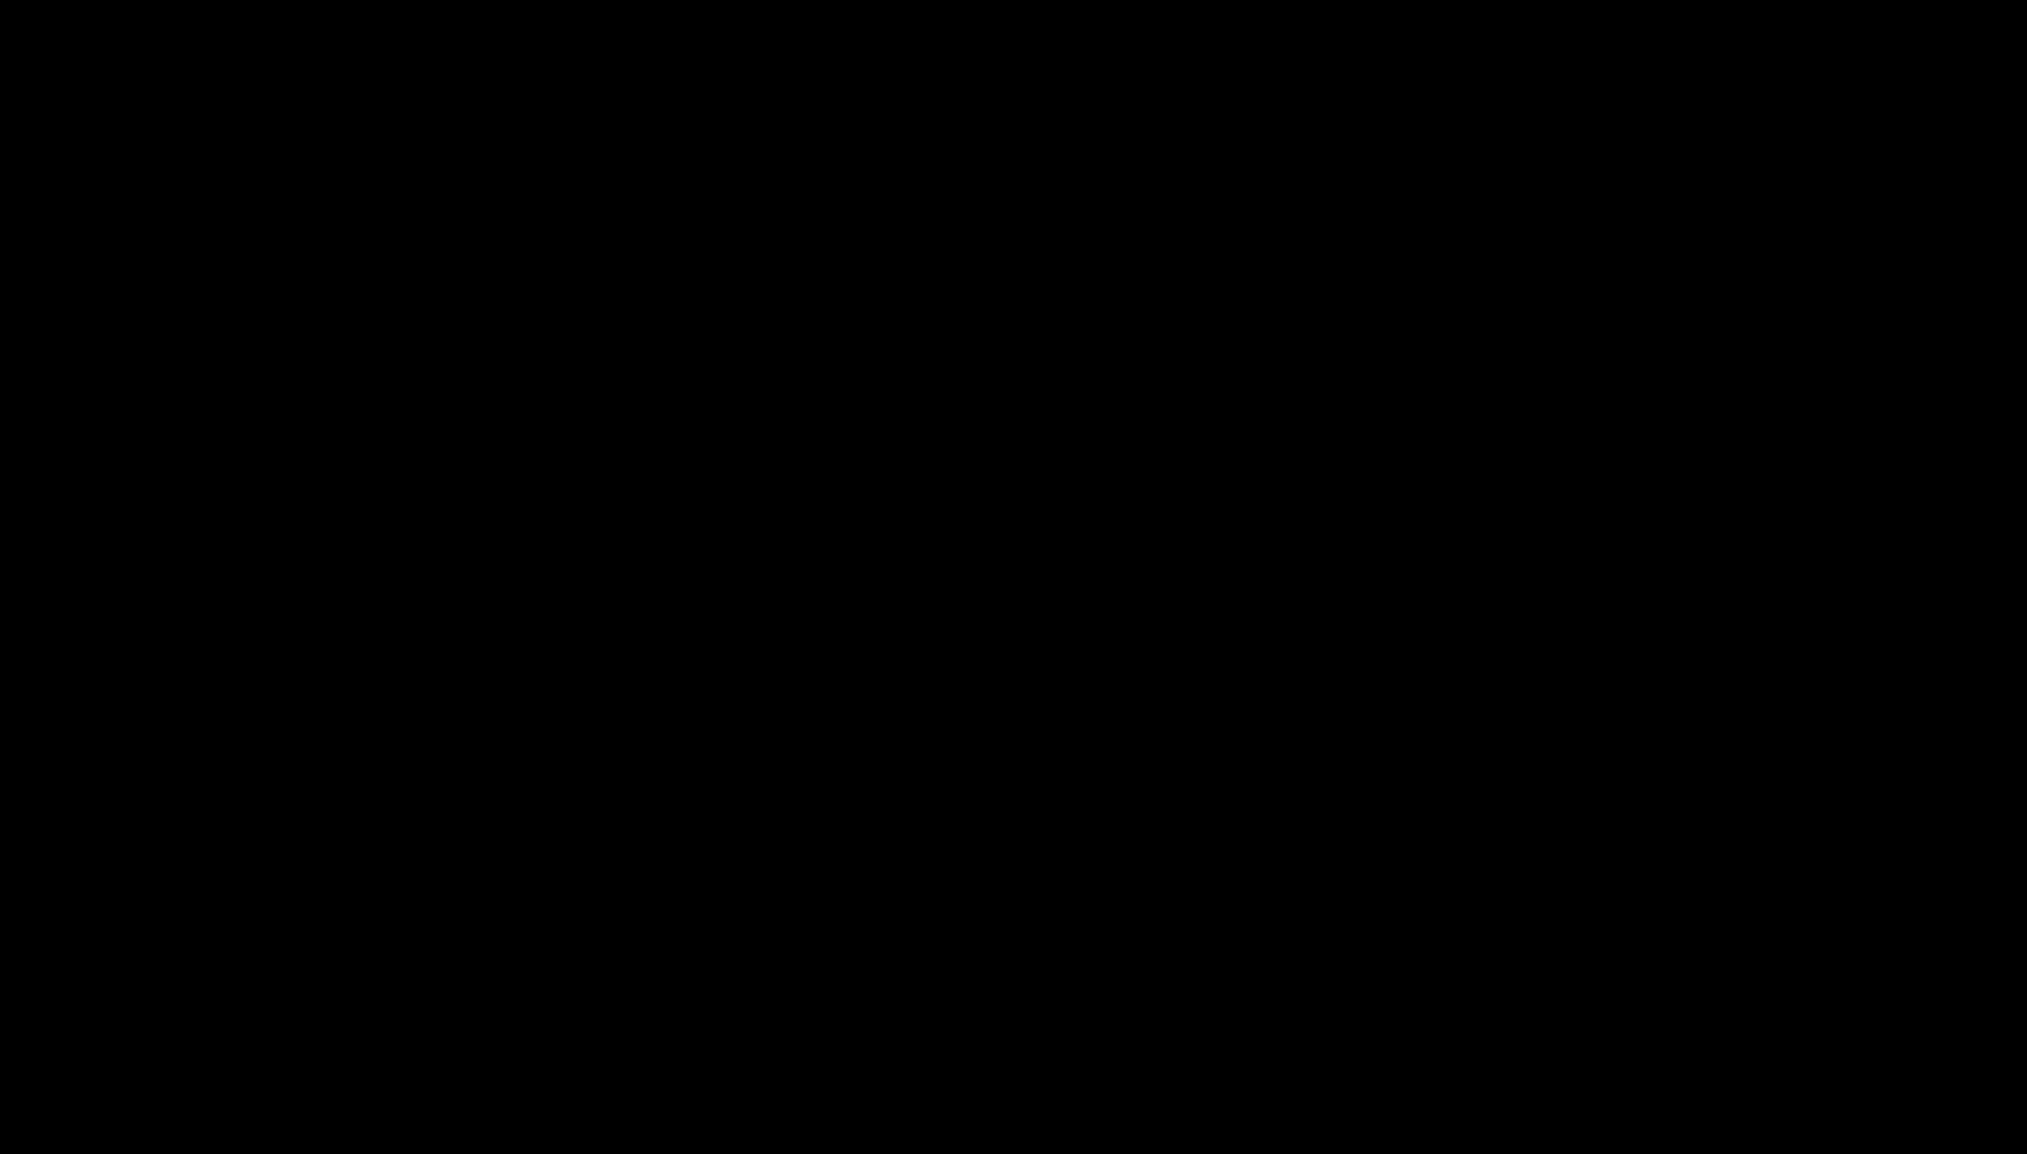 [대쉬크랩] 온라인 브랜딩 전략 수립 프로젝트